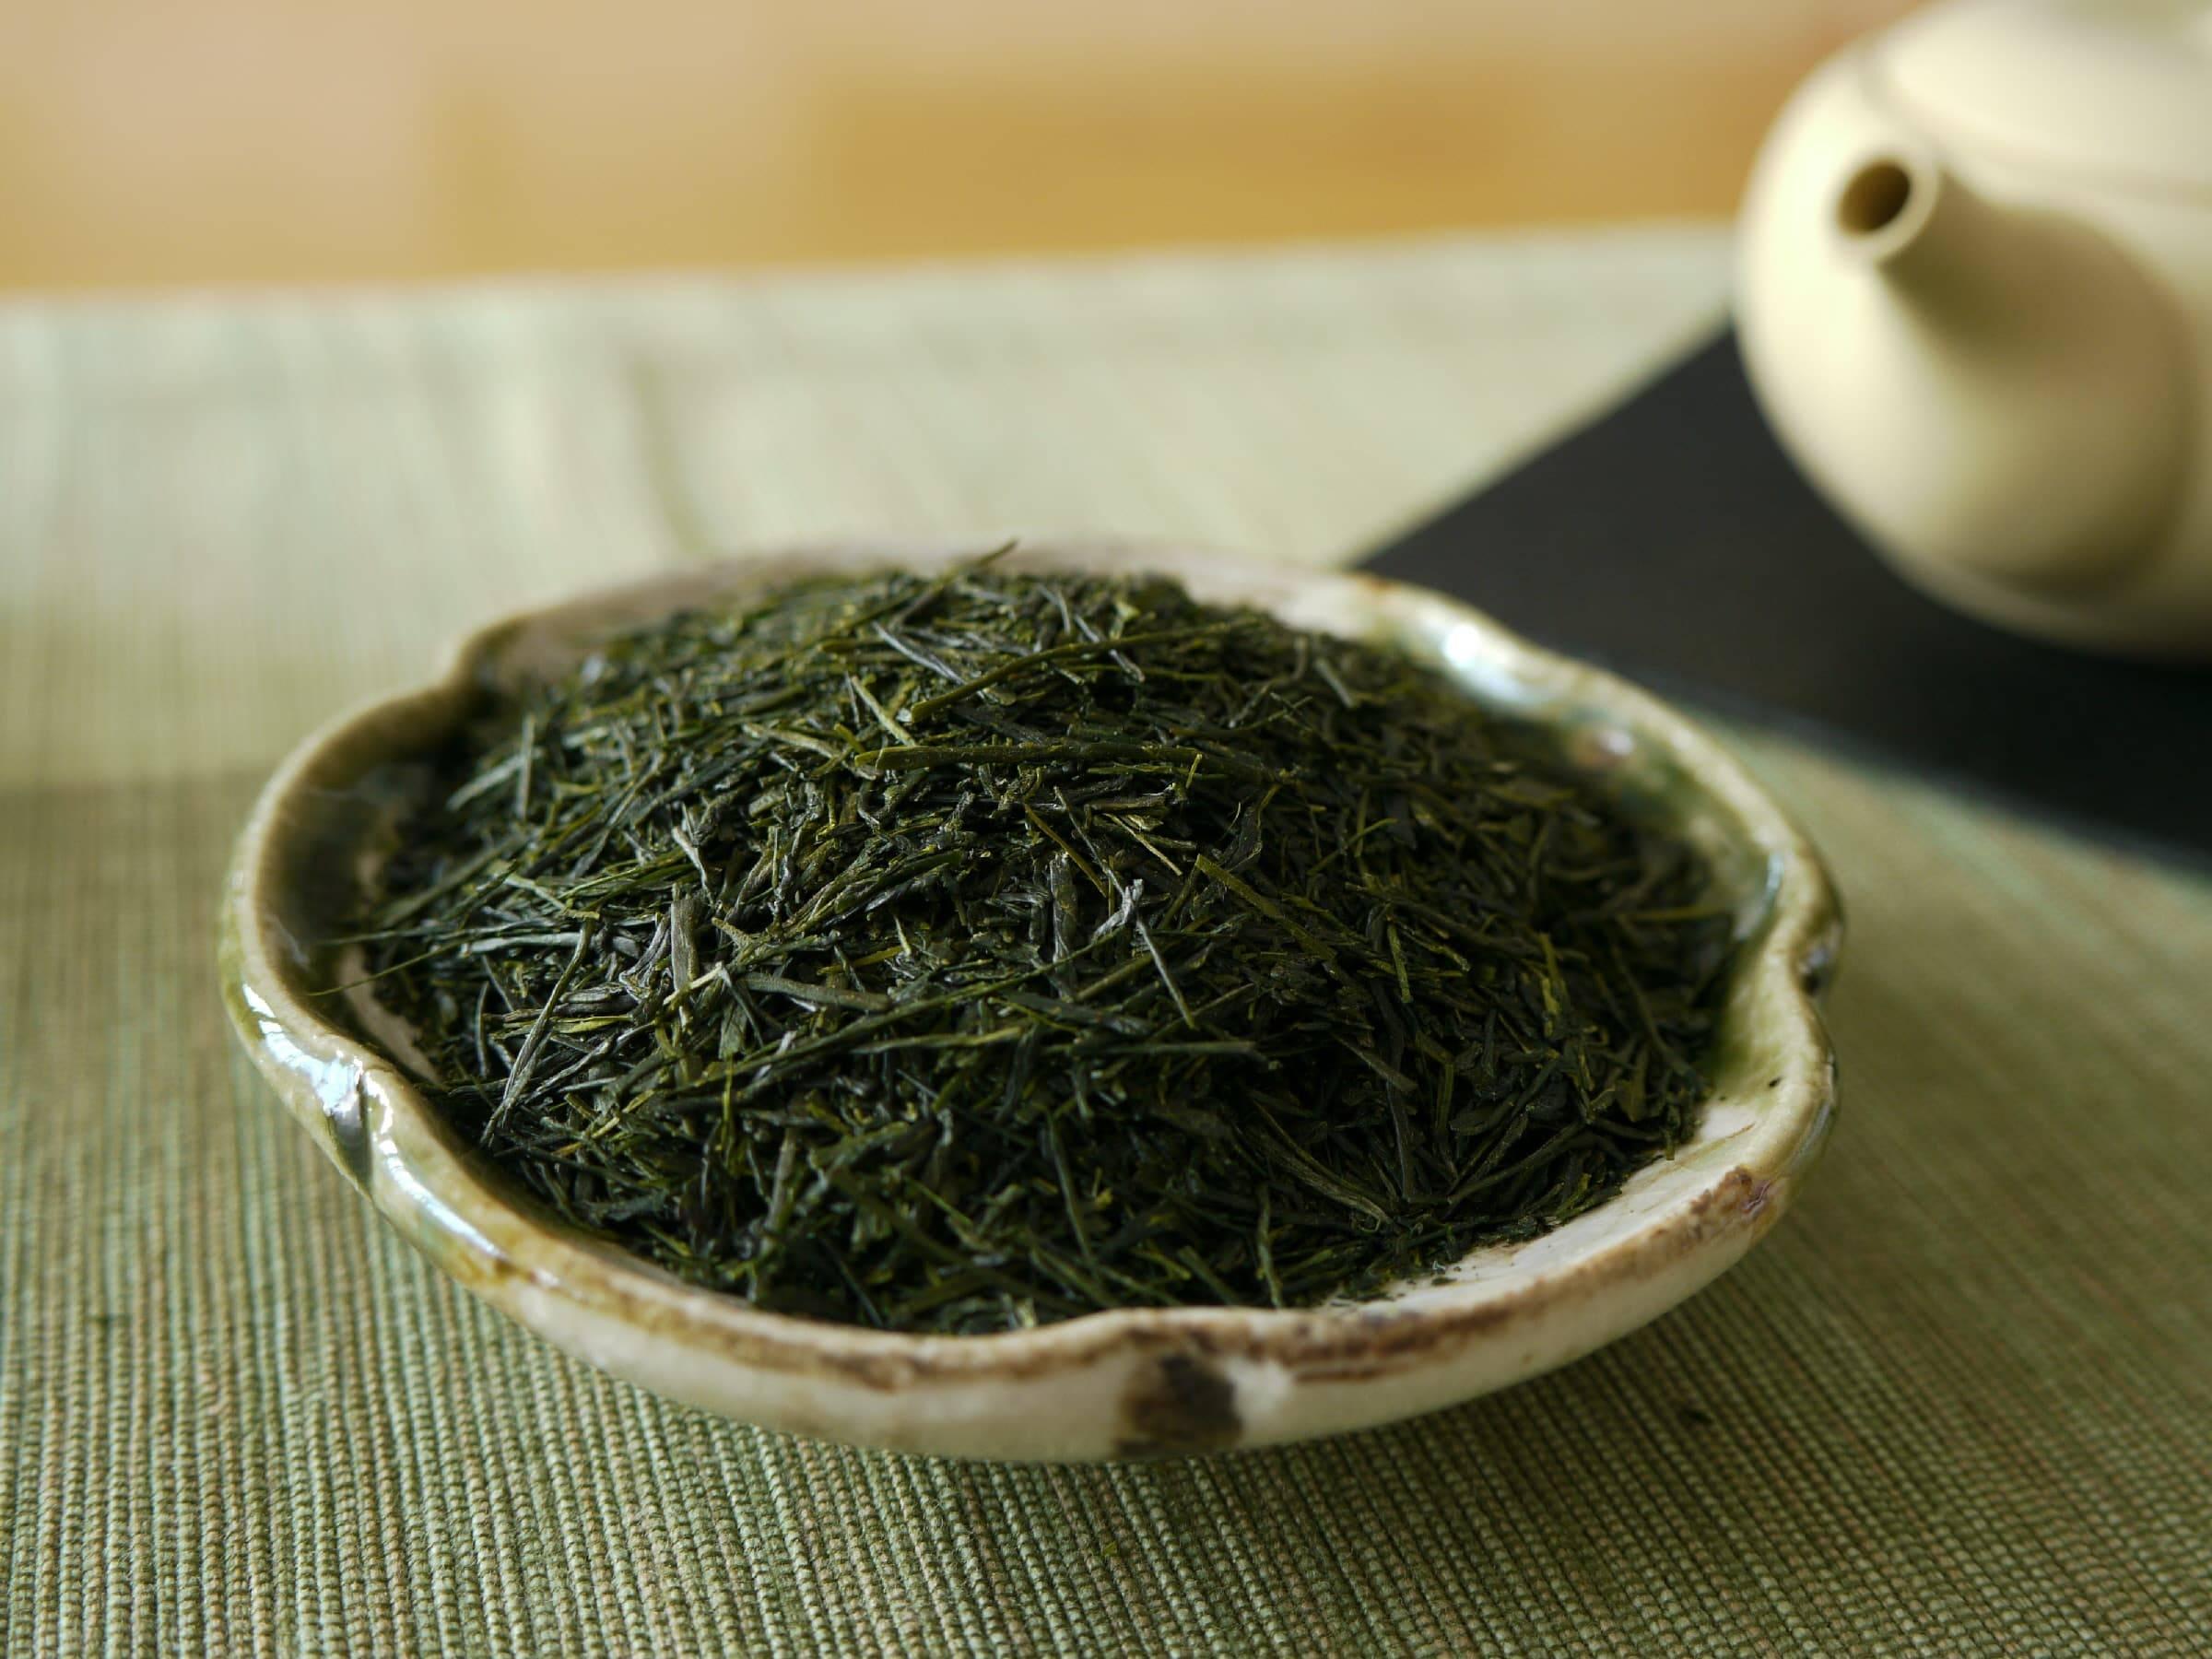 Чай матча: польза и вред японского зеленого чая маття, как заваривать